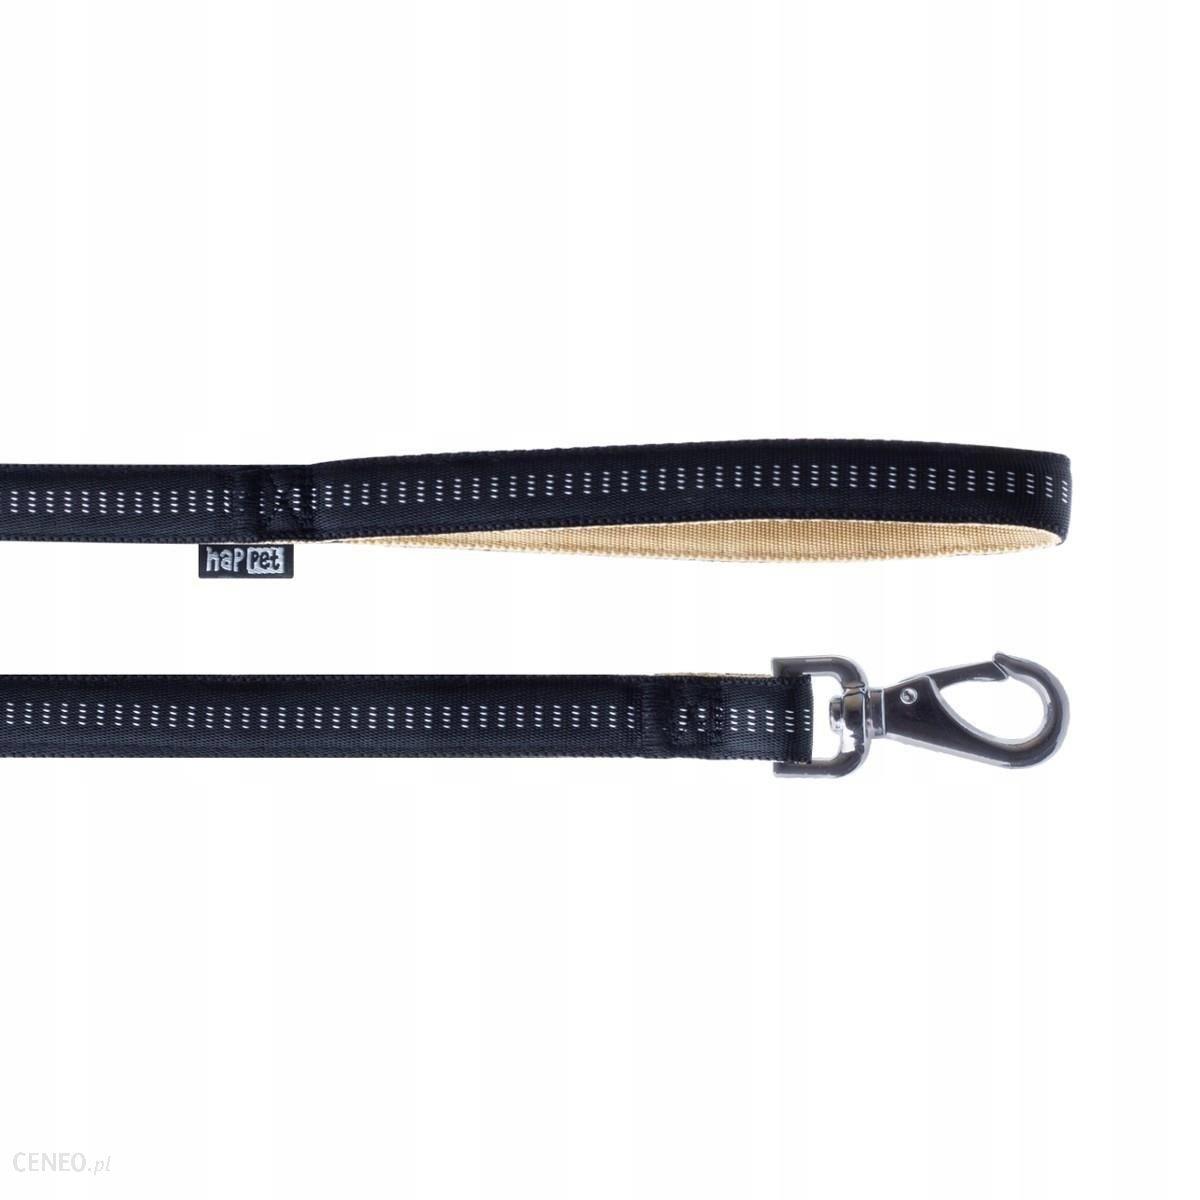 Smycz Soft Style Happet czarna XL 2.5 cm